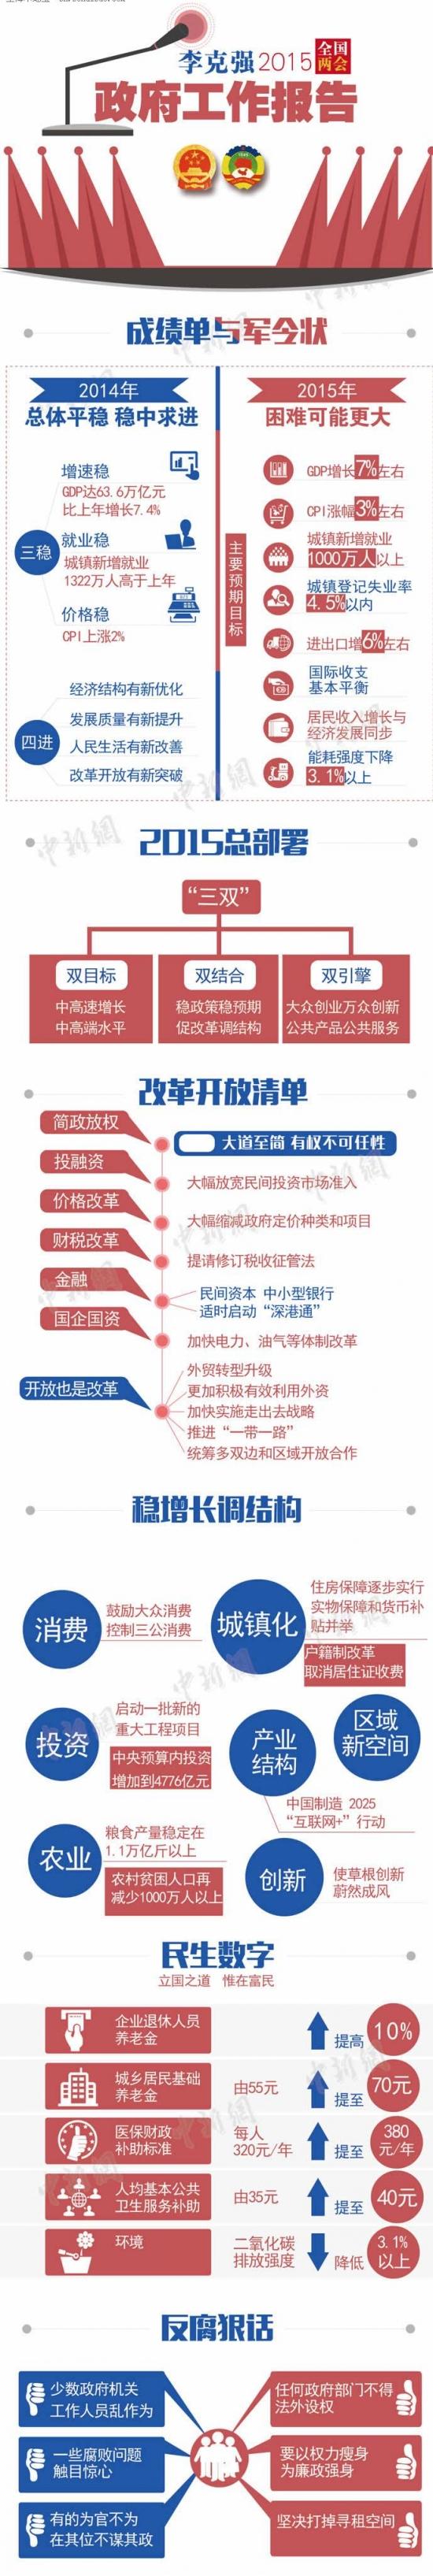 资料图片:图解2015年政府工作报告(据中新网)